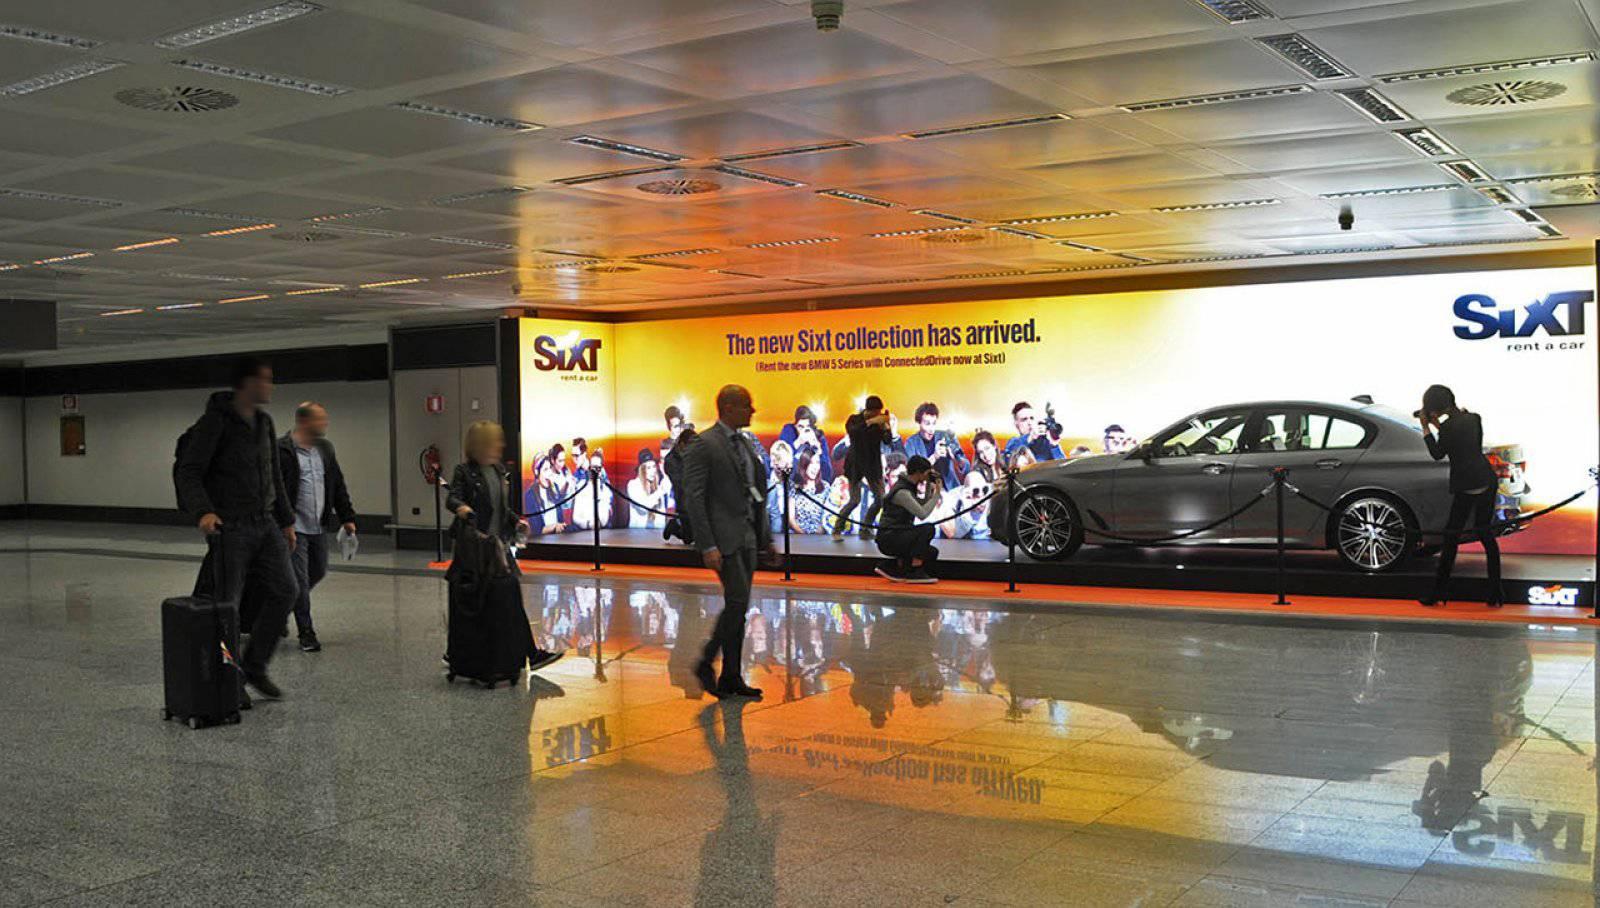 Pubblicità in aeroporto IGPDecaux area espositiva a Malpensa per Sixt